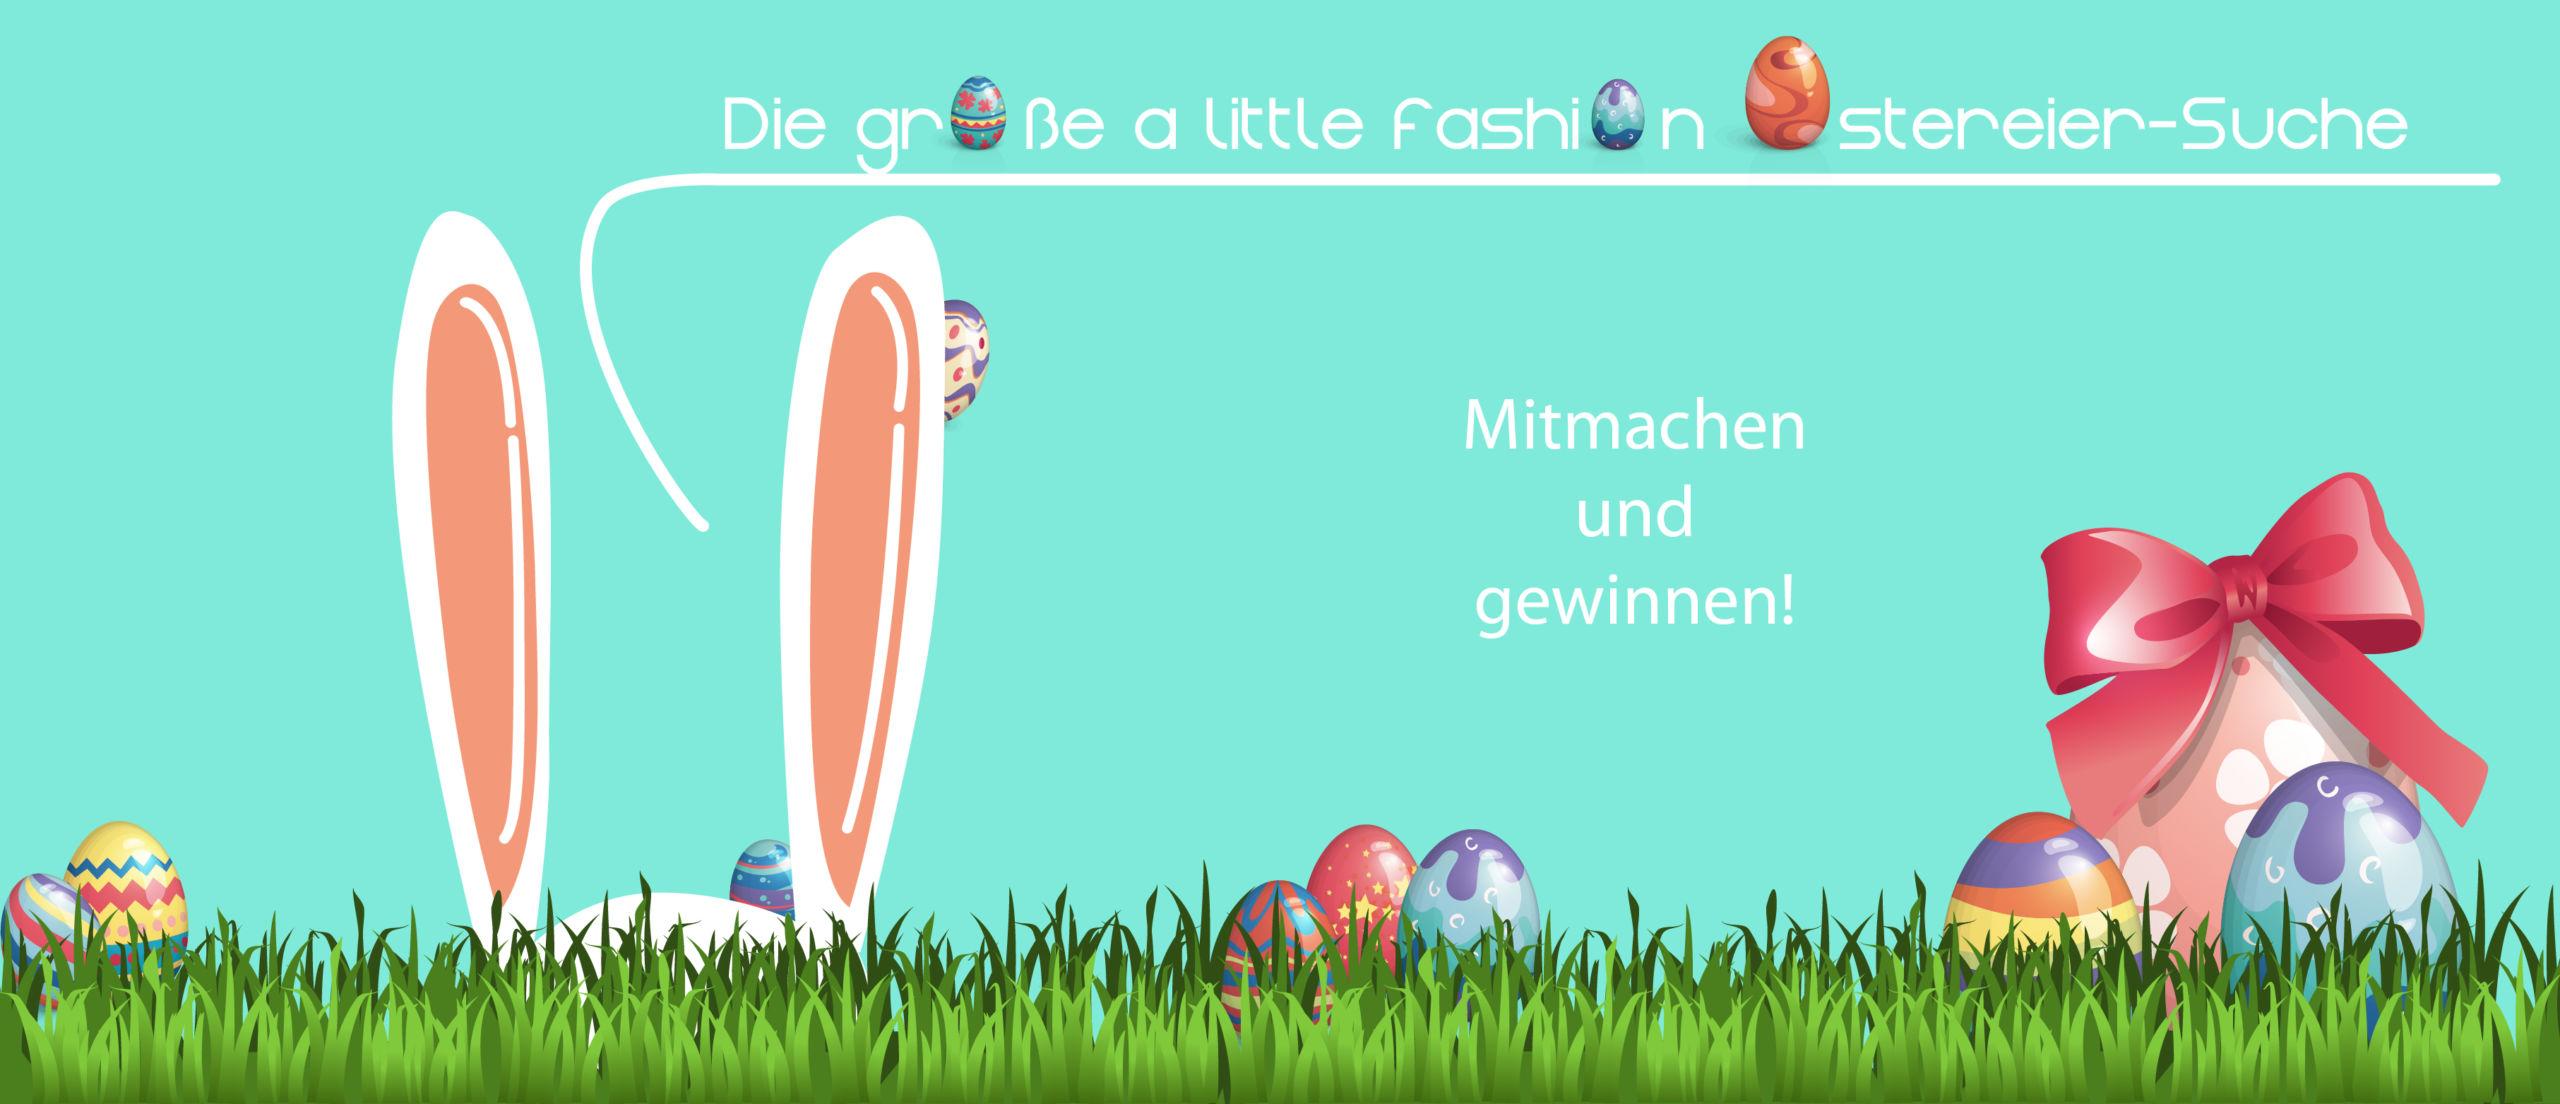 alittlefashion_ostereier-suche_banner_g-03